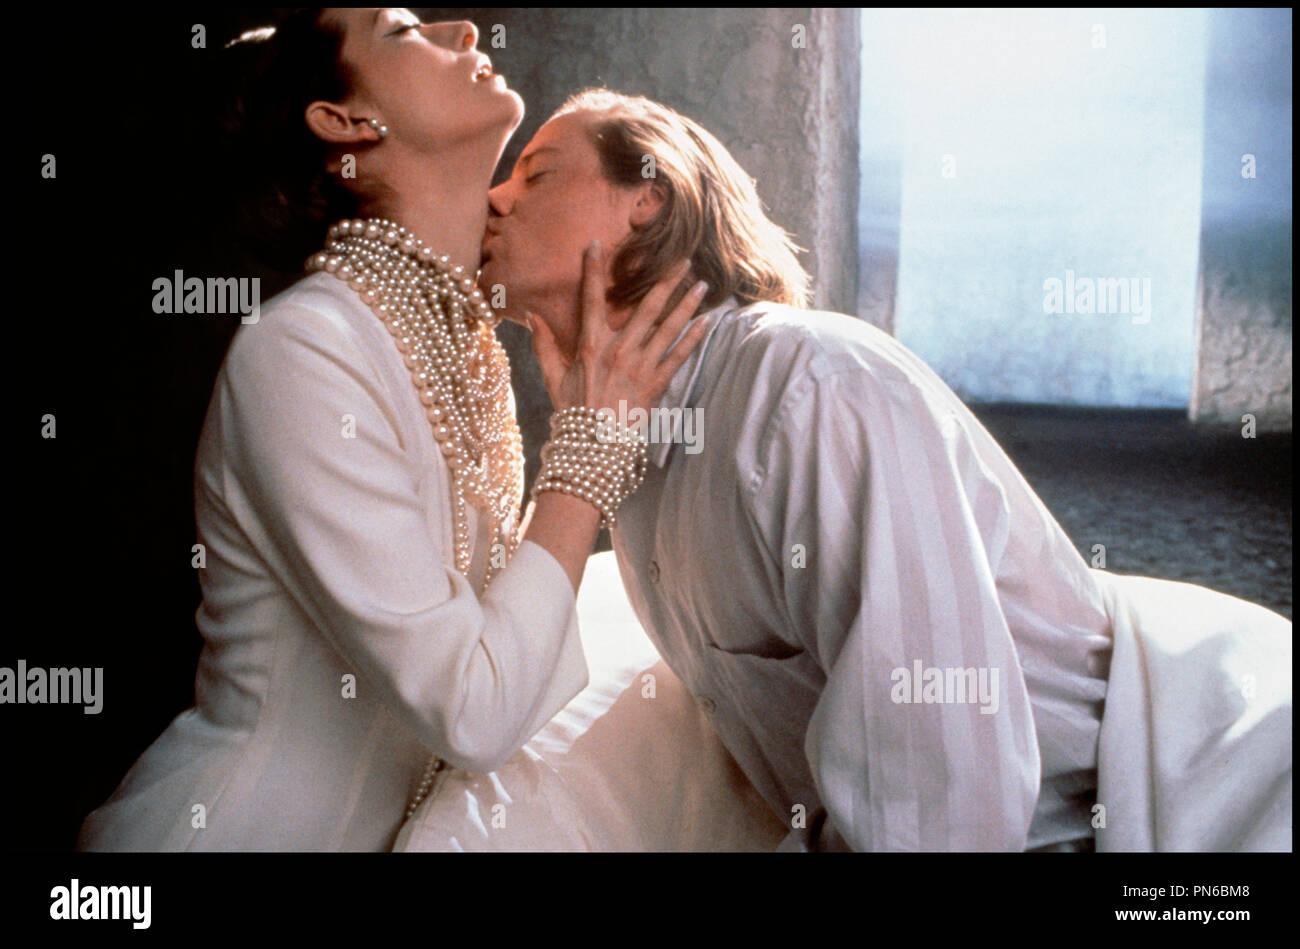 Prod DB © Working Title / DR EDWARD II (EDWARD II) de Derek Jarman 1991 GB avec Tilda Swinton et Steven Waddington couple, passion, embrasser, collier de perles, bijoux d'après la pièce de Christopher Marlowe - Stock Image